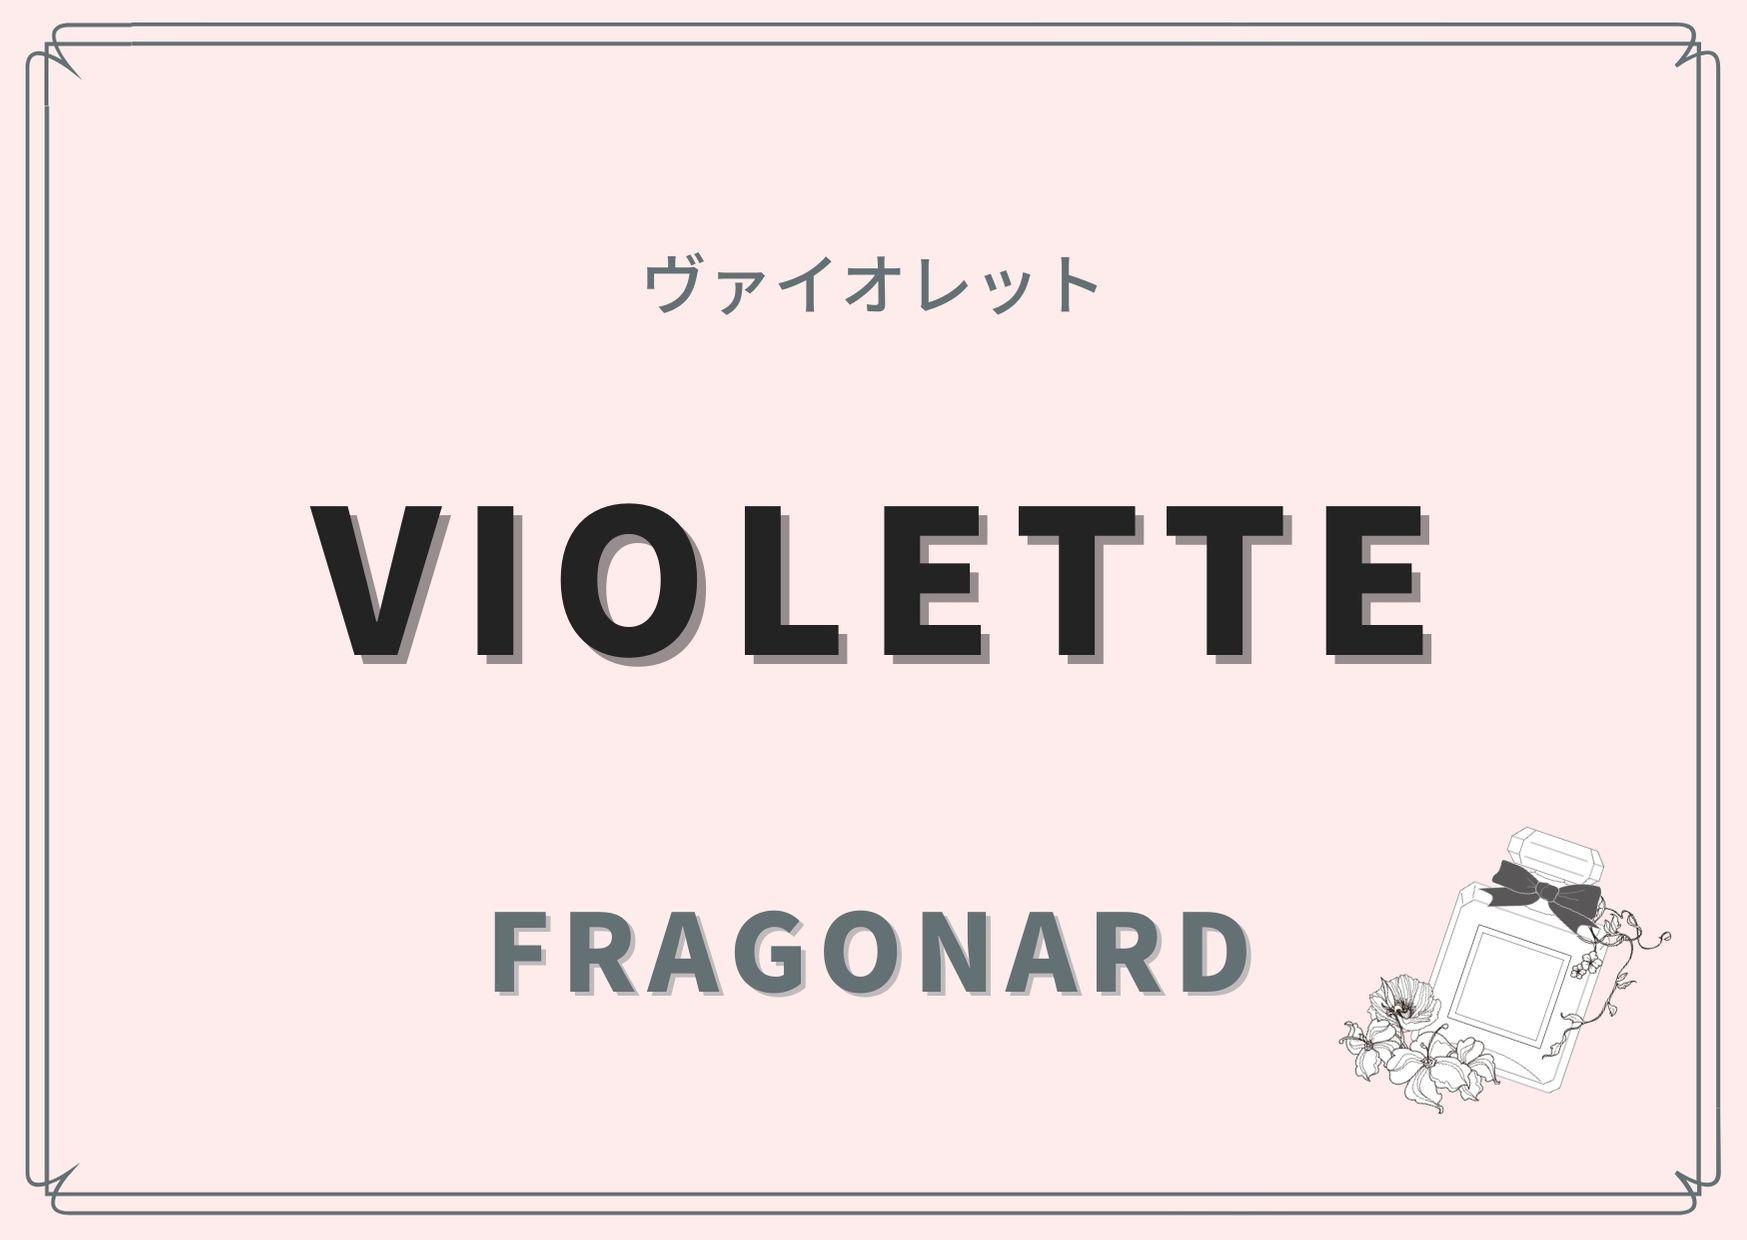 VIOLETTE(ヴァイオレット)/Fragonard(フラゴナール )